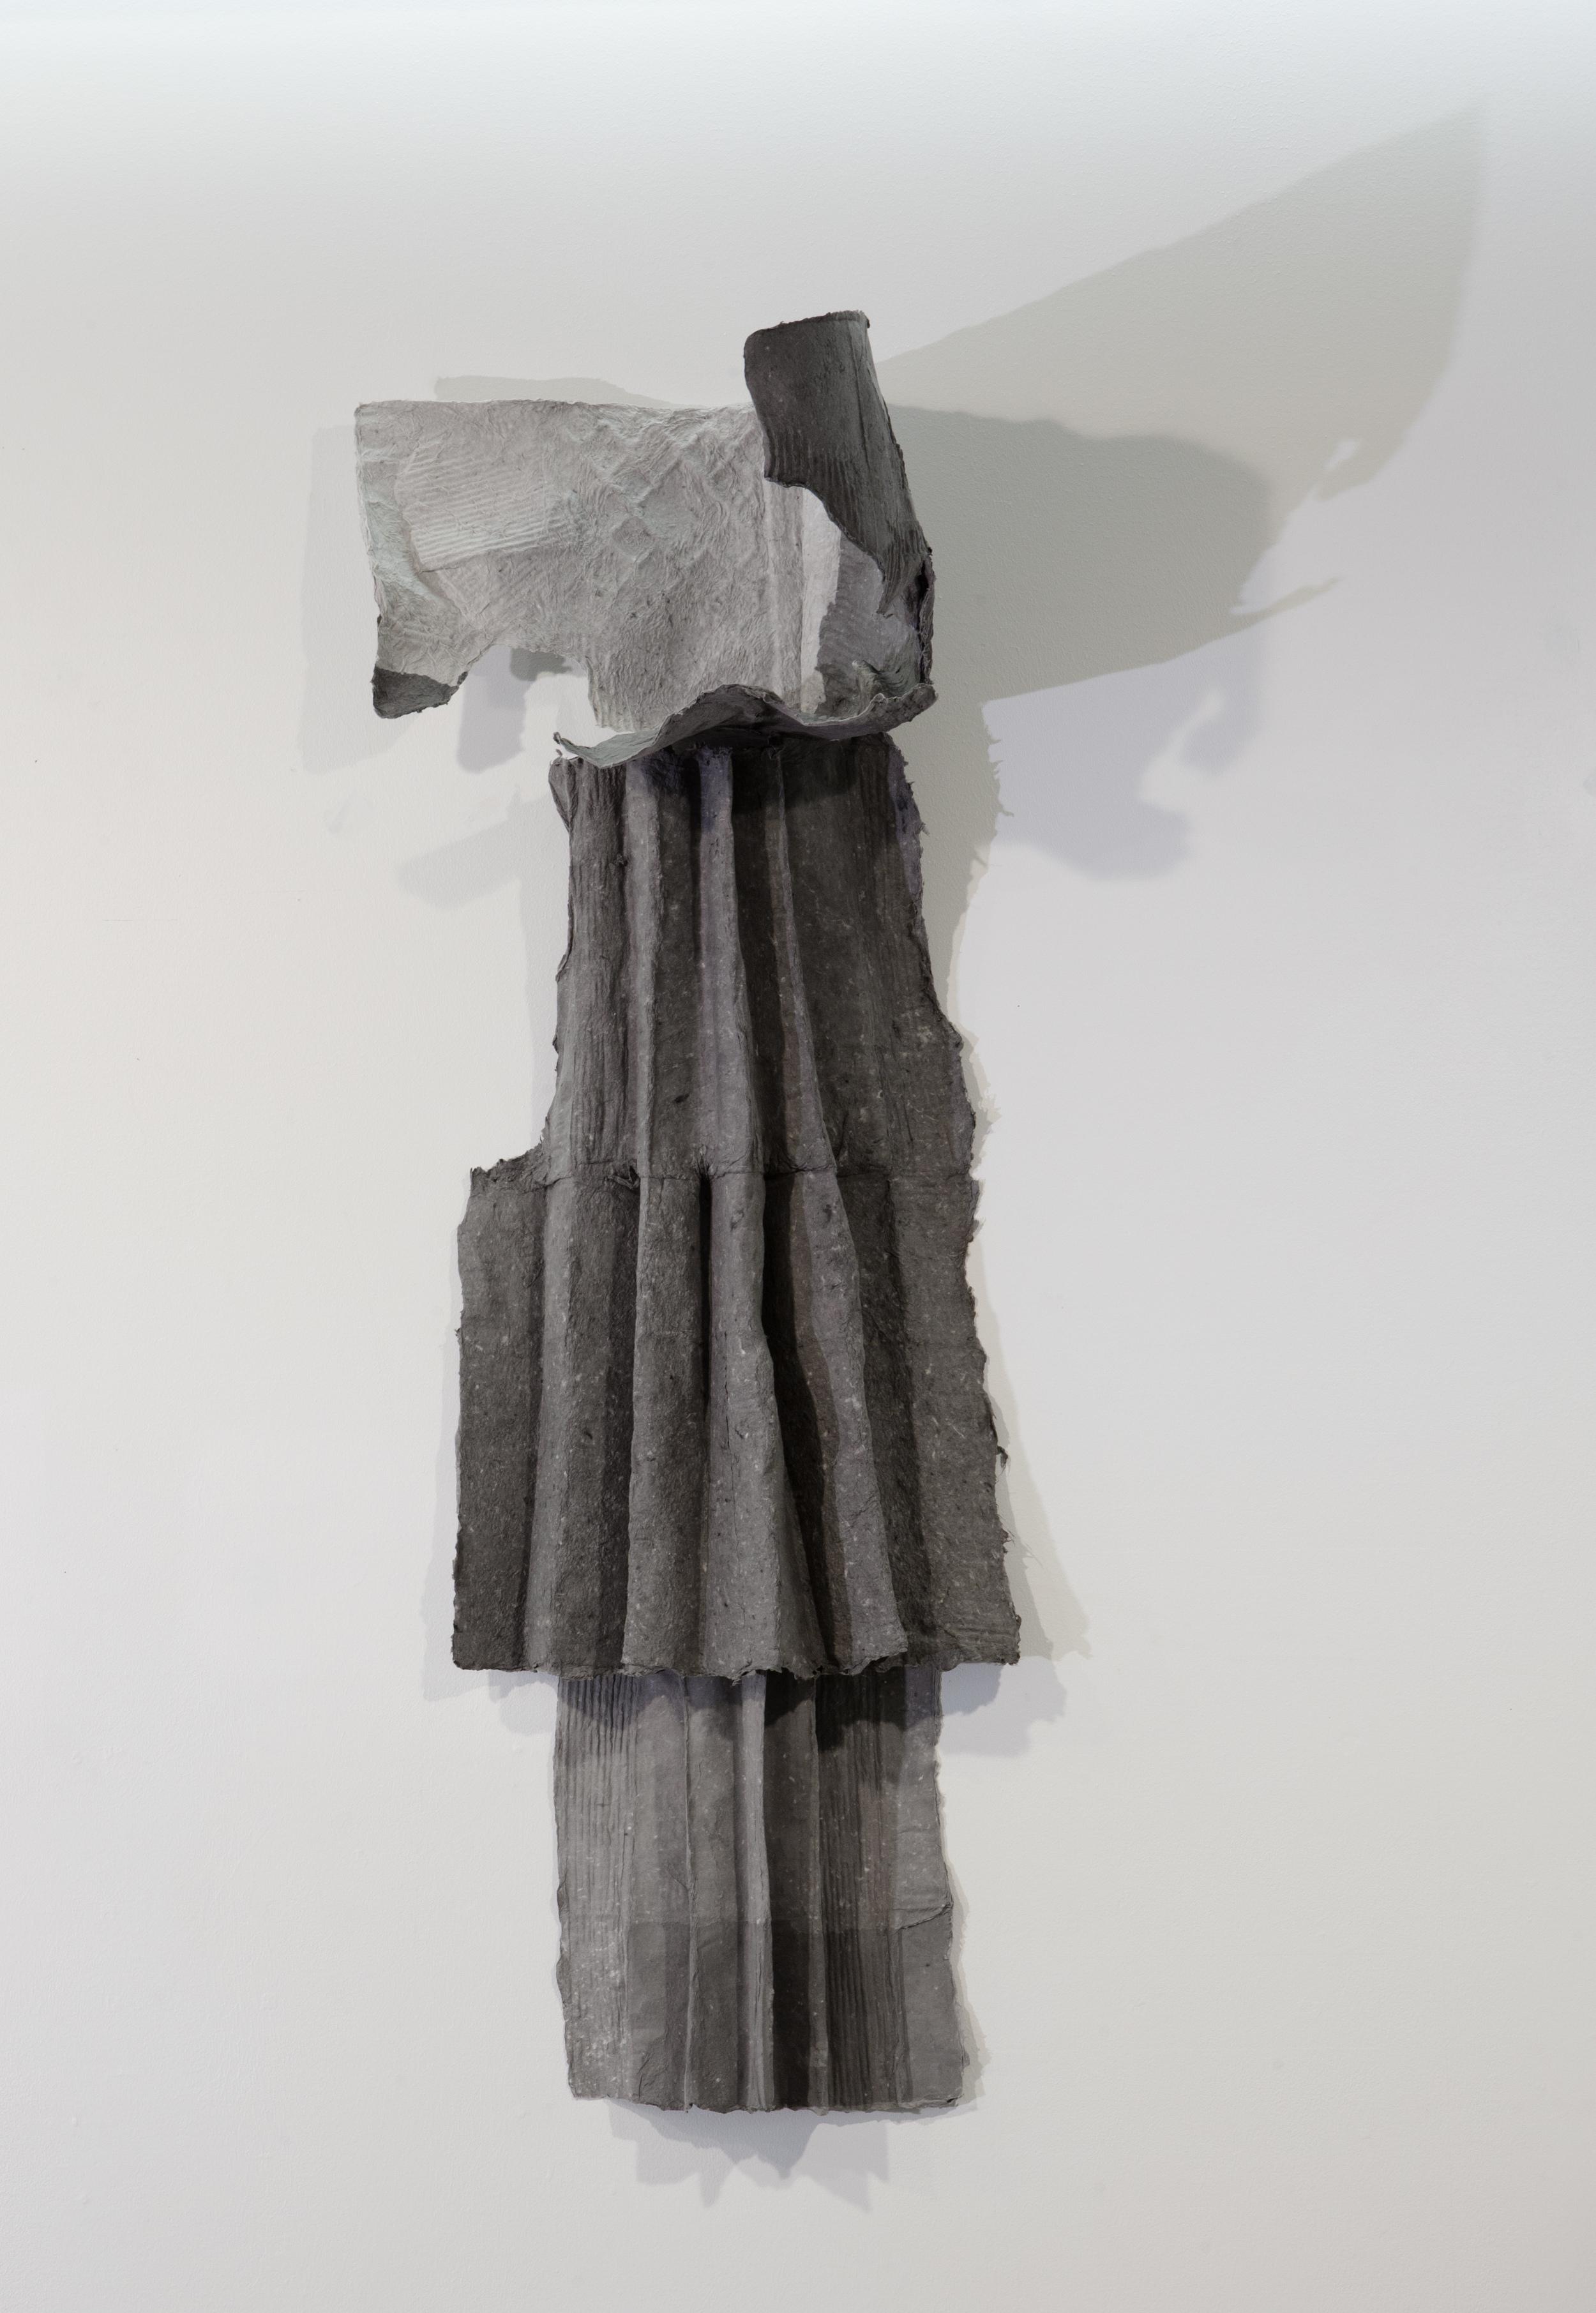 Column, Looking Left